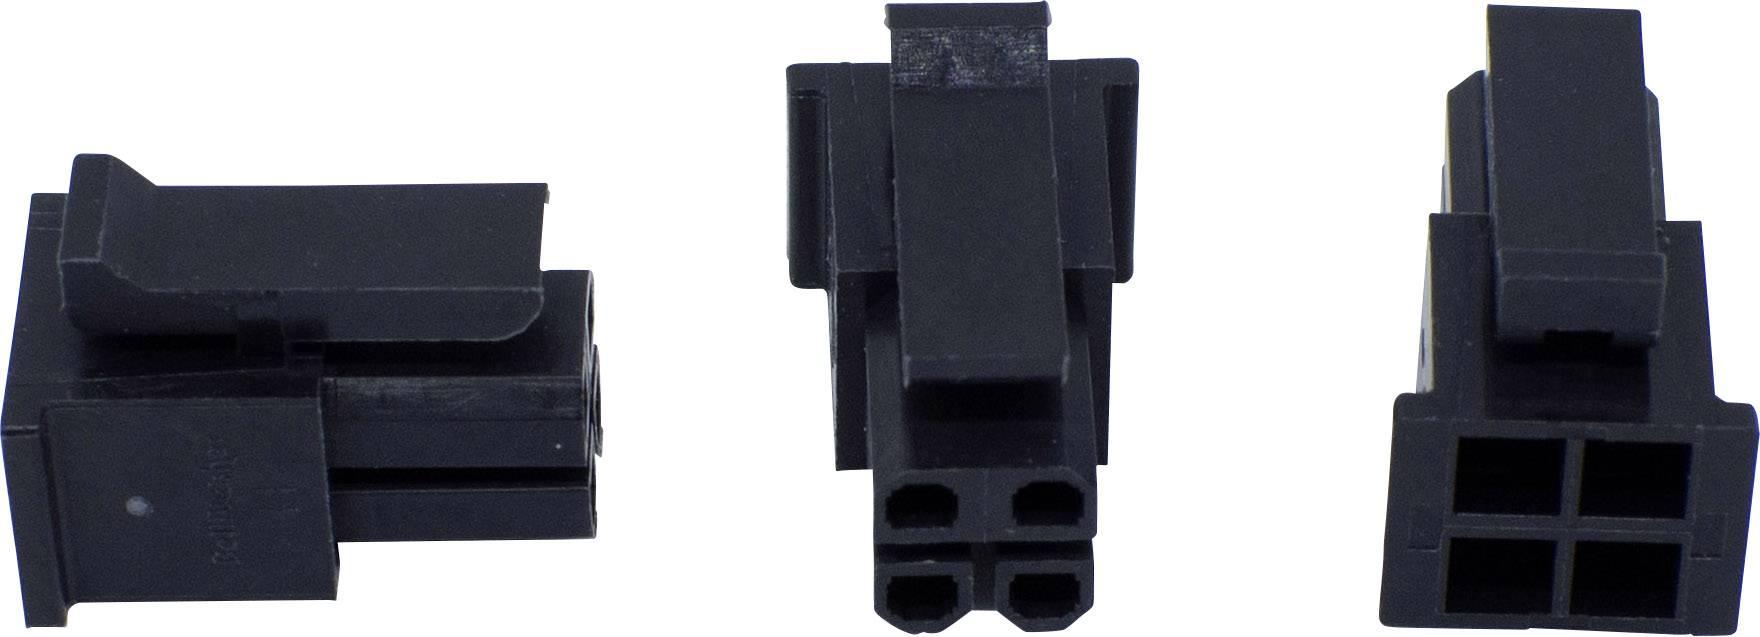 Zásuvkový konektor na kabel BellWether 70093-2400, pólů 24, rozteč 3 mm, 1 ks